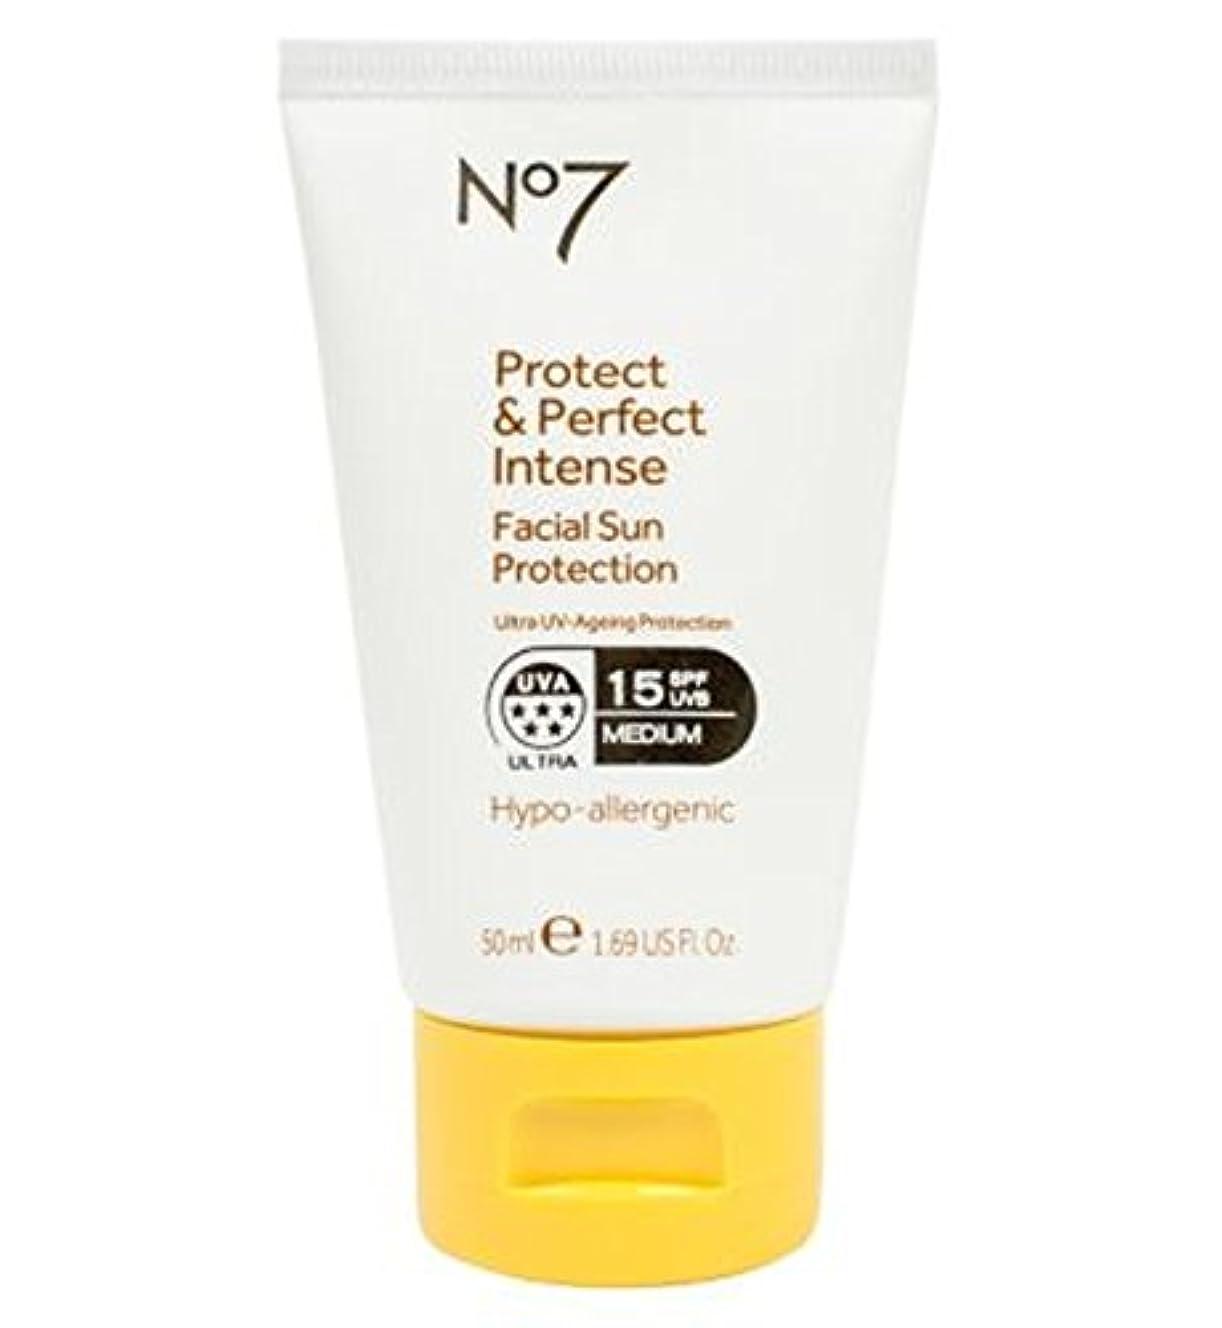 大学受け継ぐ求めるNo7 Protect & Perfect Intense Facial Sun Protection SPF 15 50ml - No7保護&完璧な強烈な顔の日焼け防止Spf 15 50ミリリットル (No7) [並行輸入品]